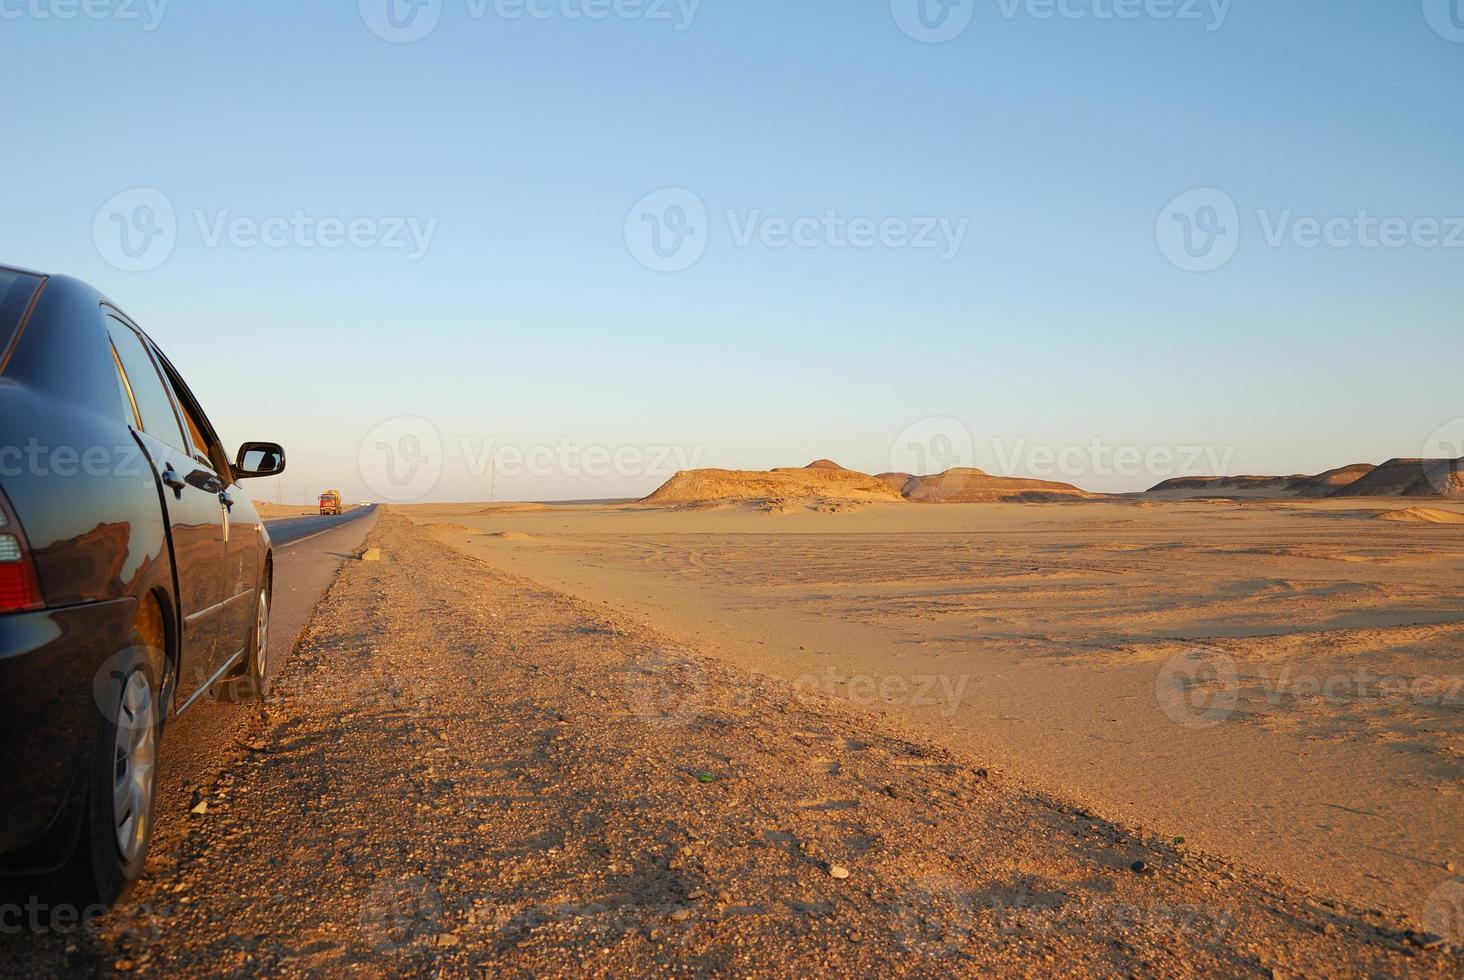 guida nel deserto foto